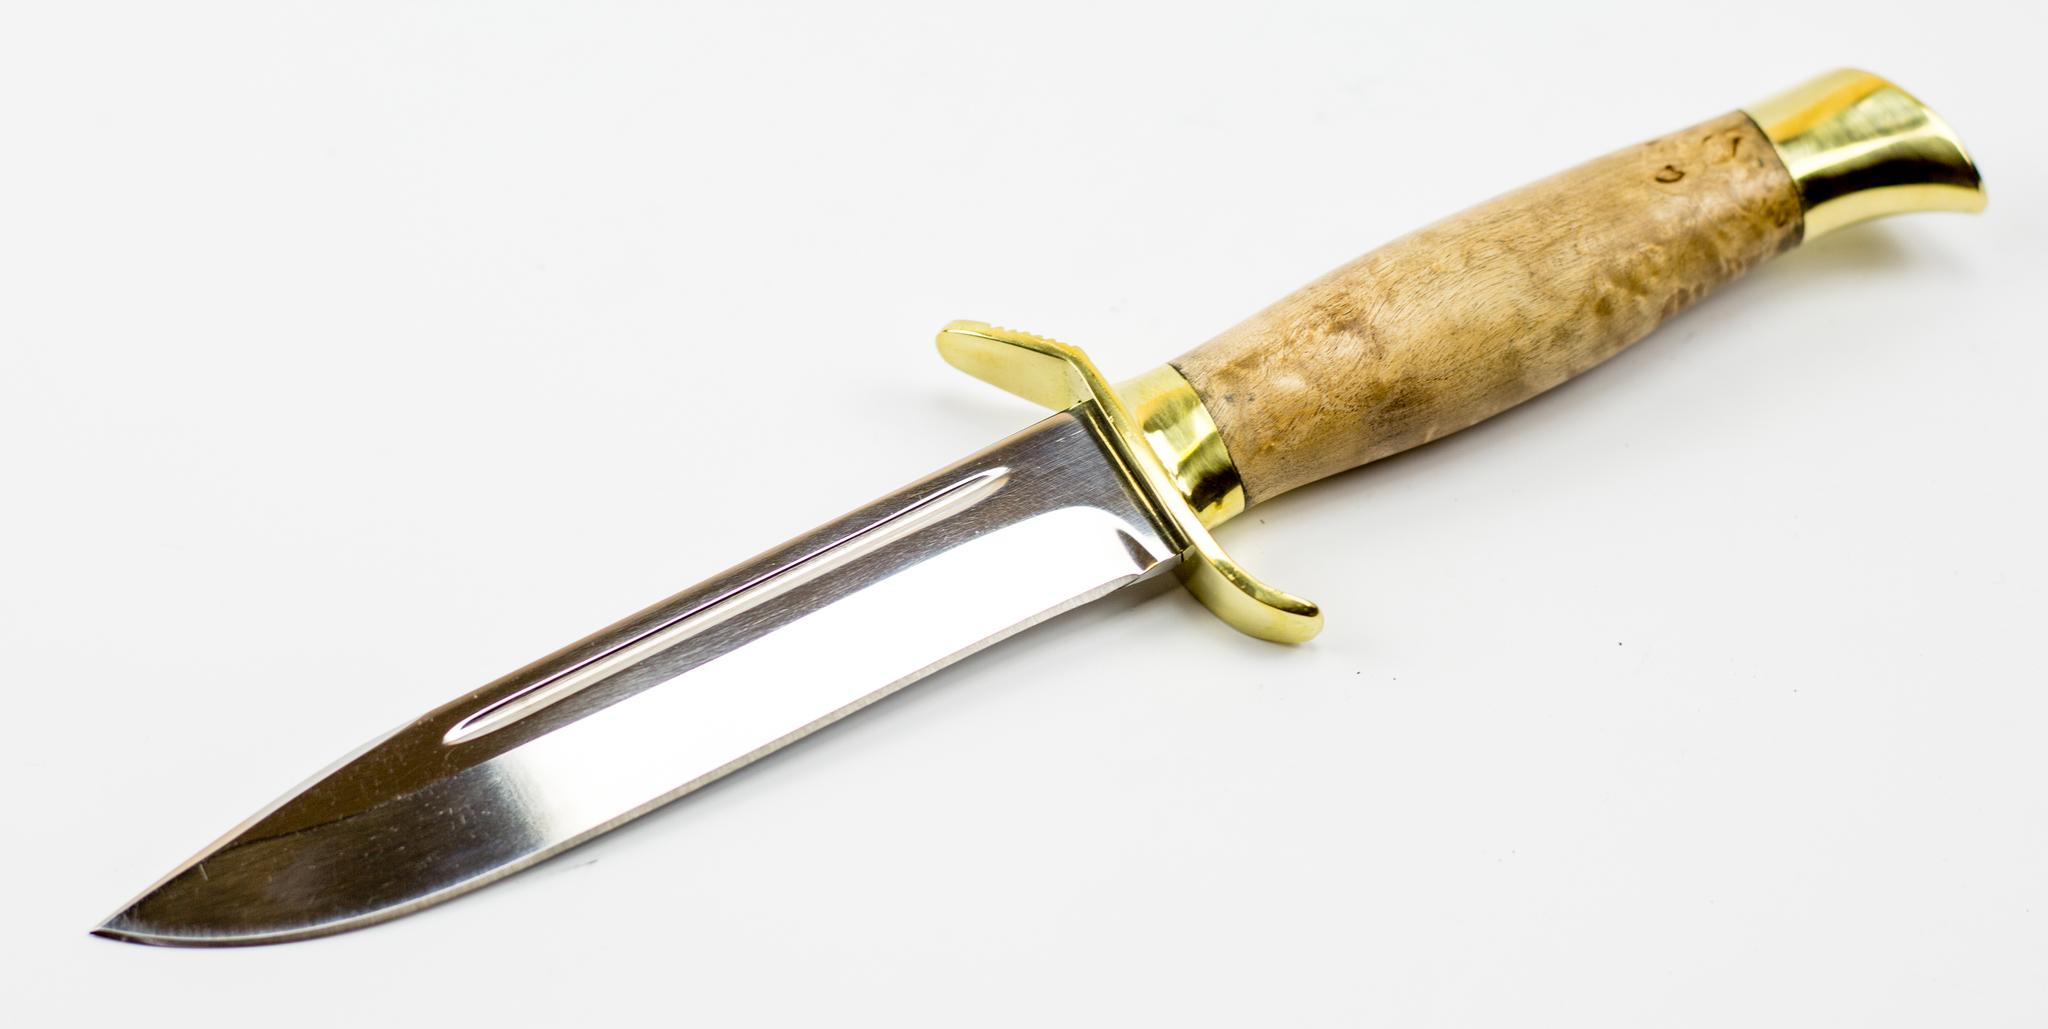 Фото 15 - Нож НР-40, карельская береза от Мастерская Климентьева